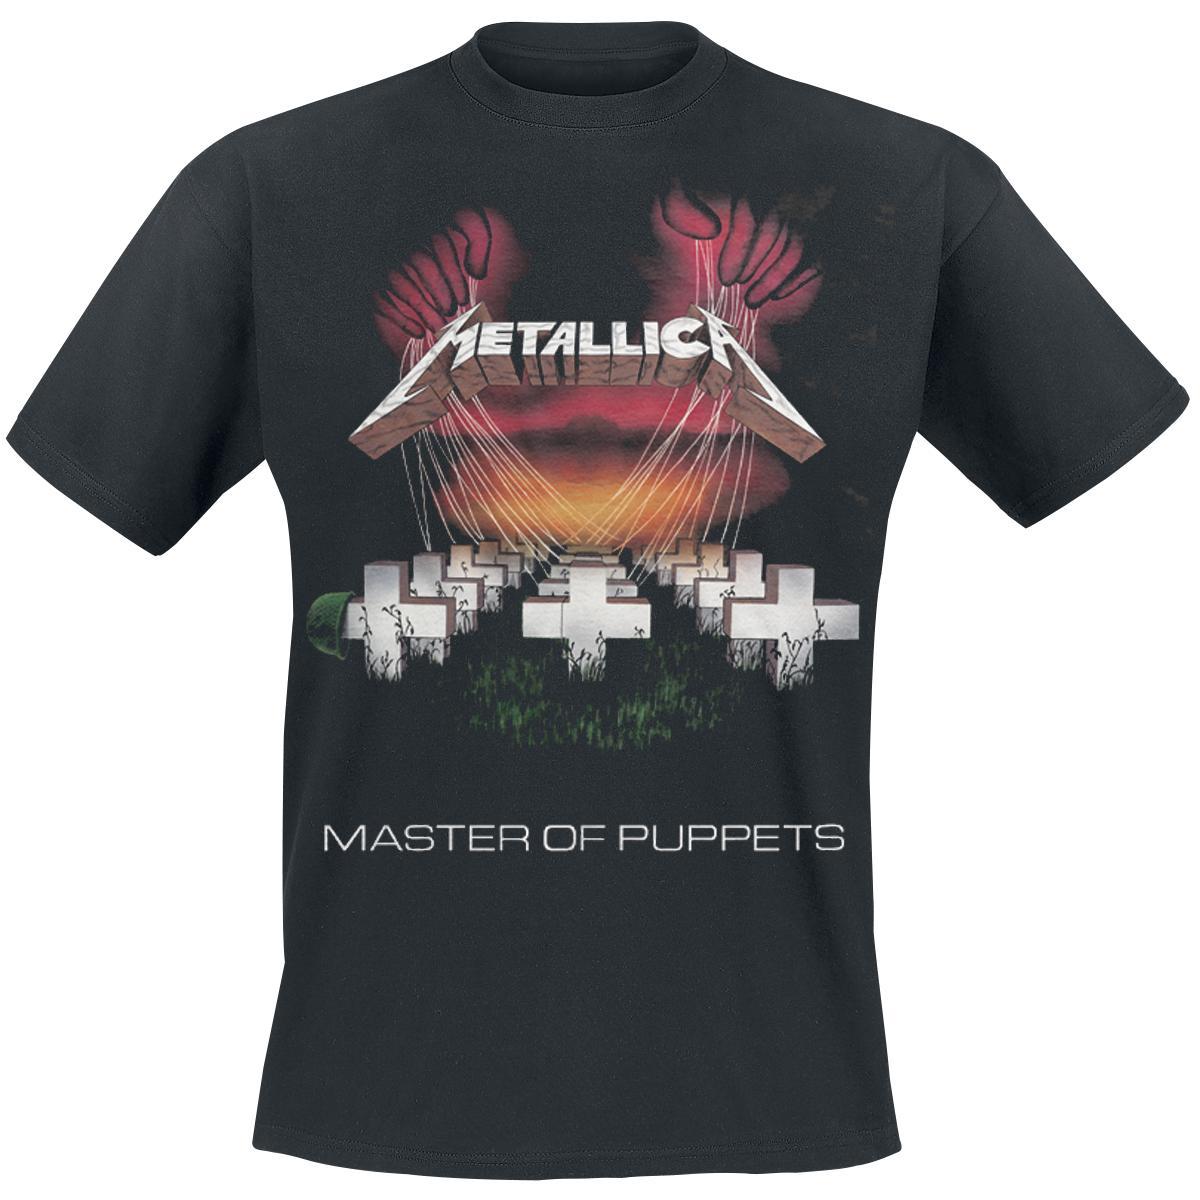 metallica-master-of-puppets-t-shirt